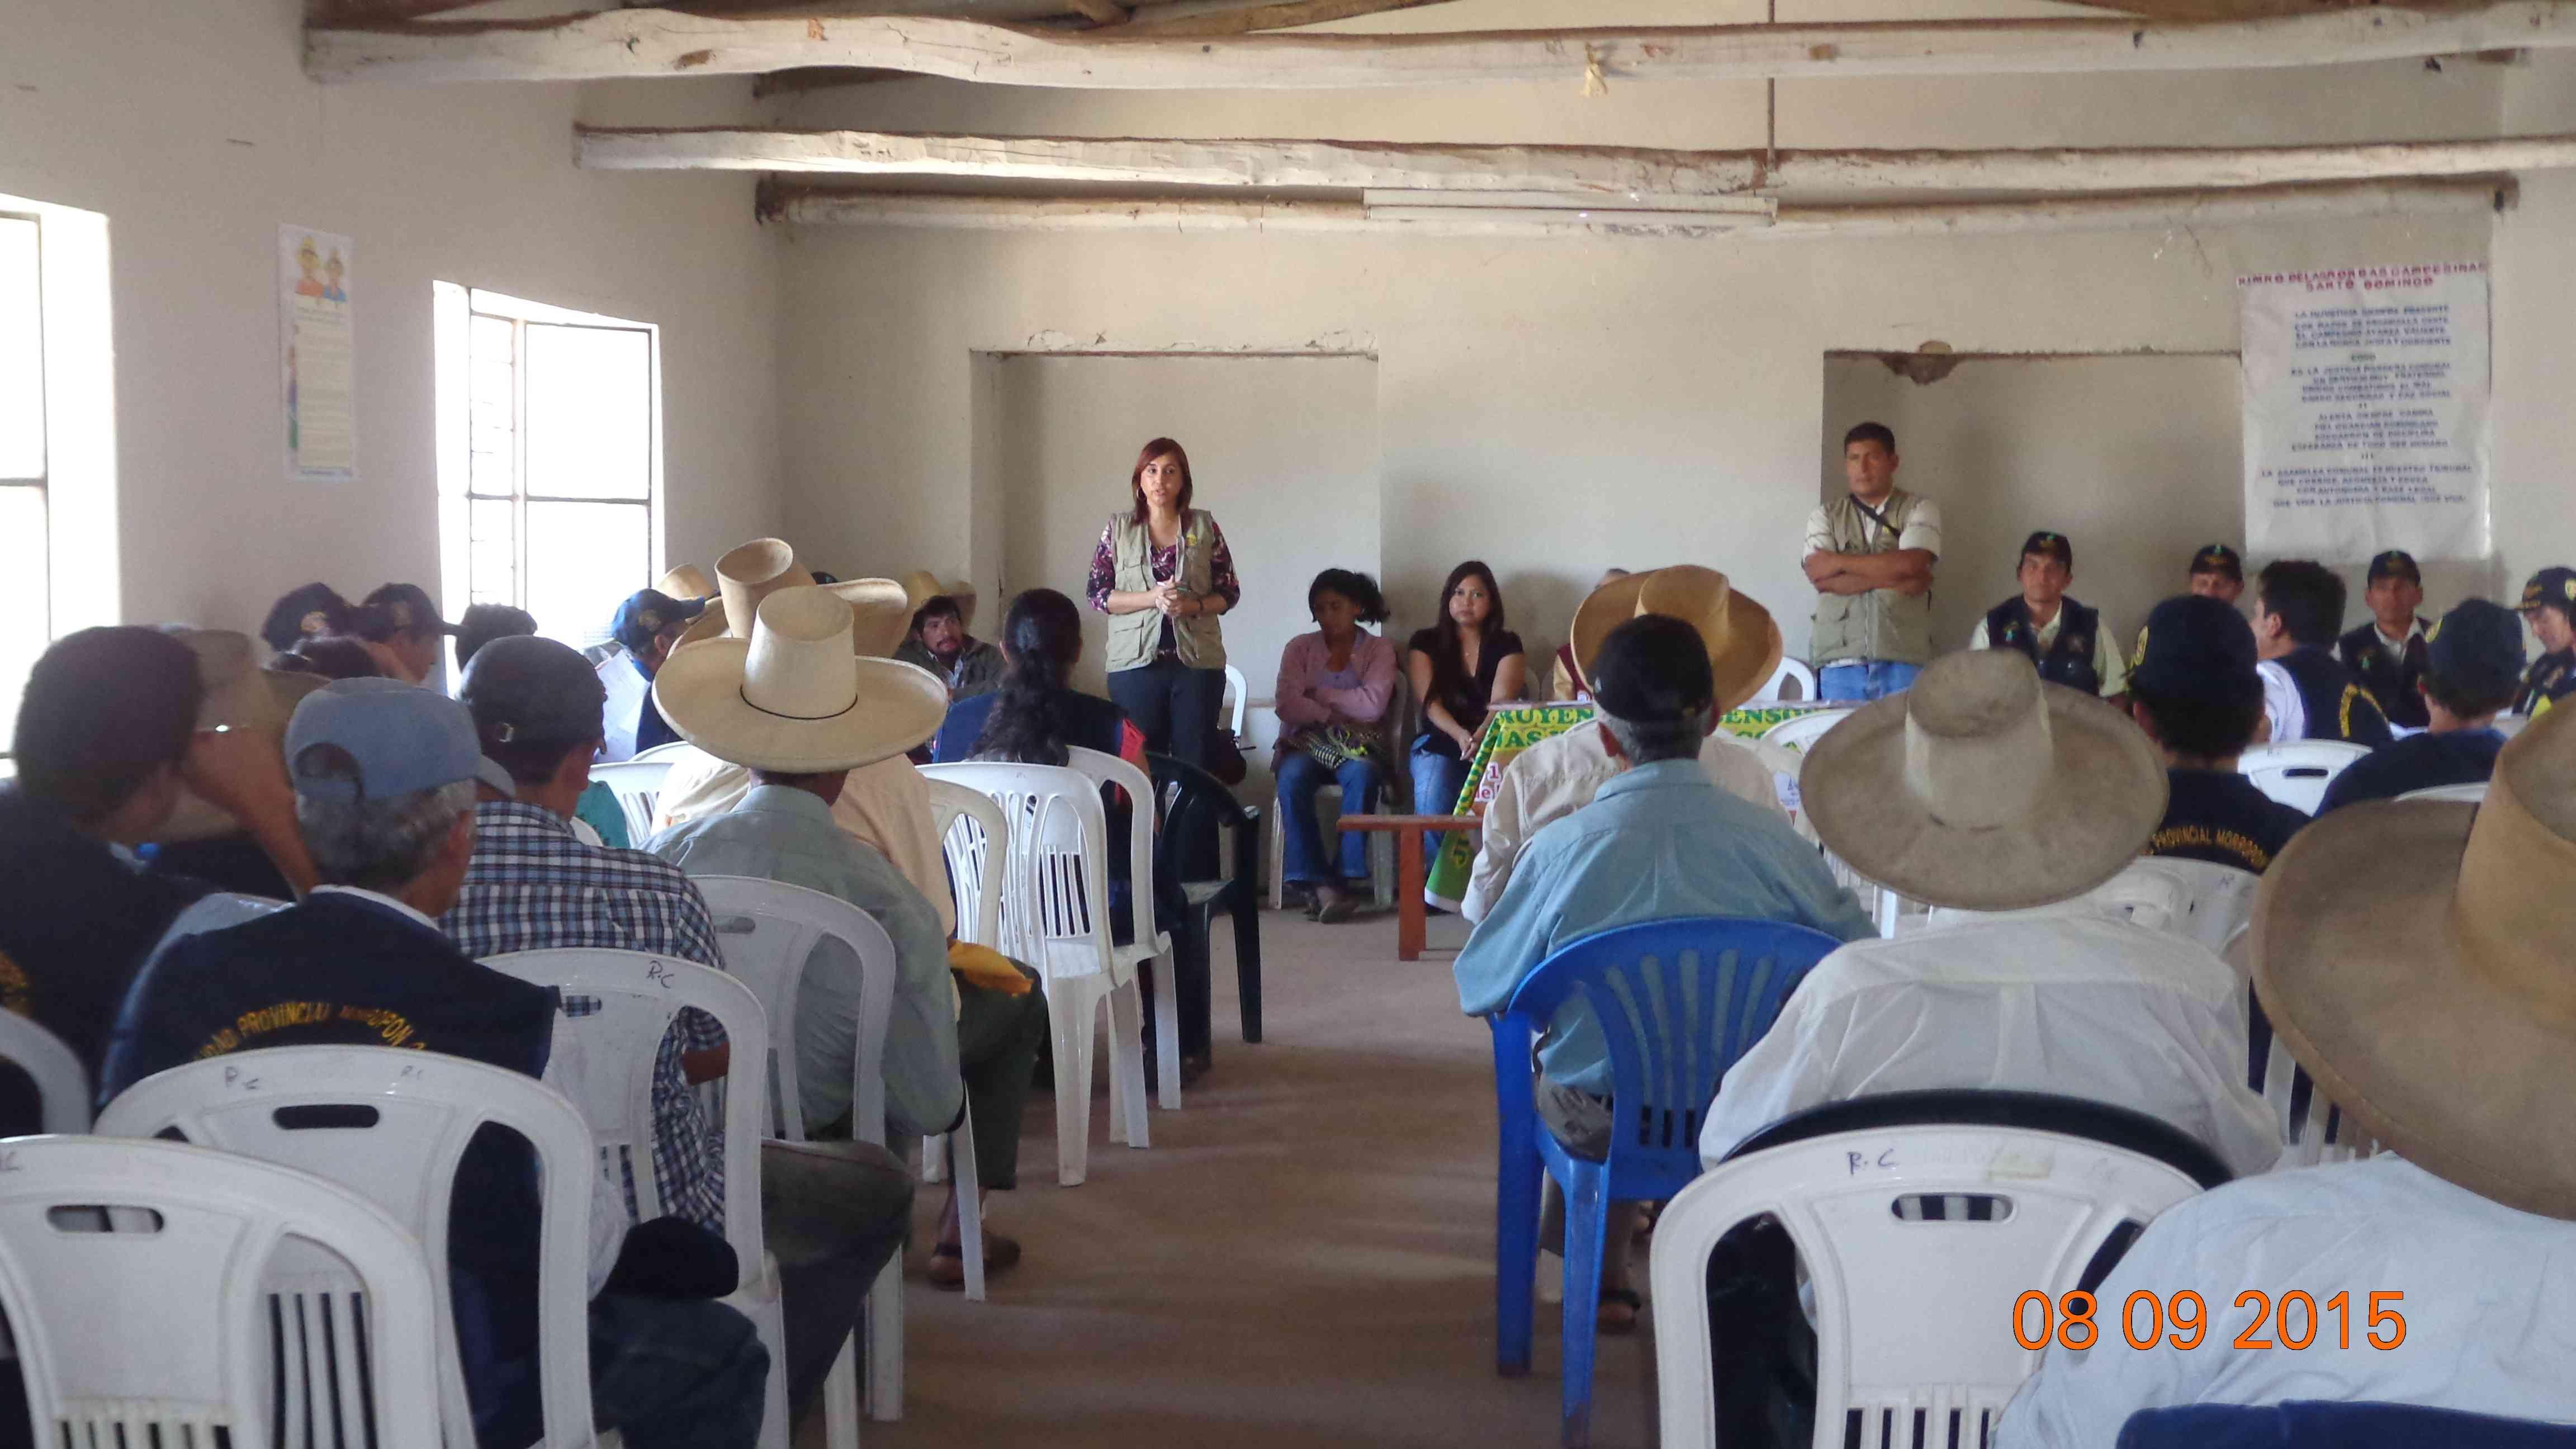 *CHARLA EN SANTO DOMINGO* La Abg. Olga Soledad Trelles Martino, La Gerente Regional Saneamiento Físico Legal de la Propiedad Rural- PRORURAL, participando en la reunión del comité Central de Rondas Campesinas del Distrito de Santo.